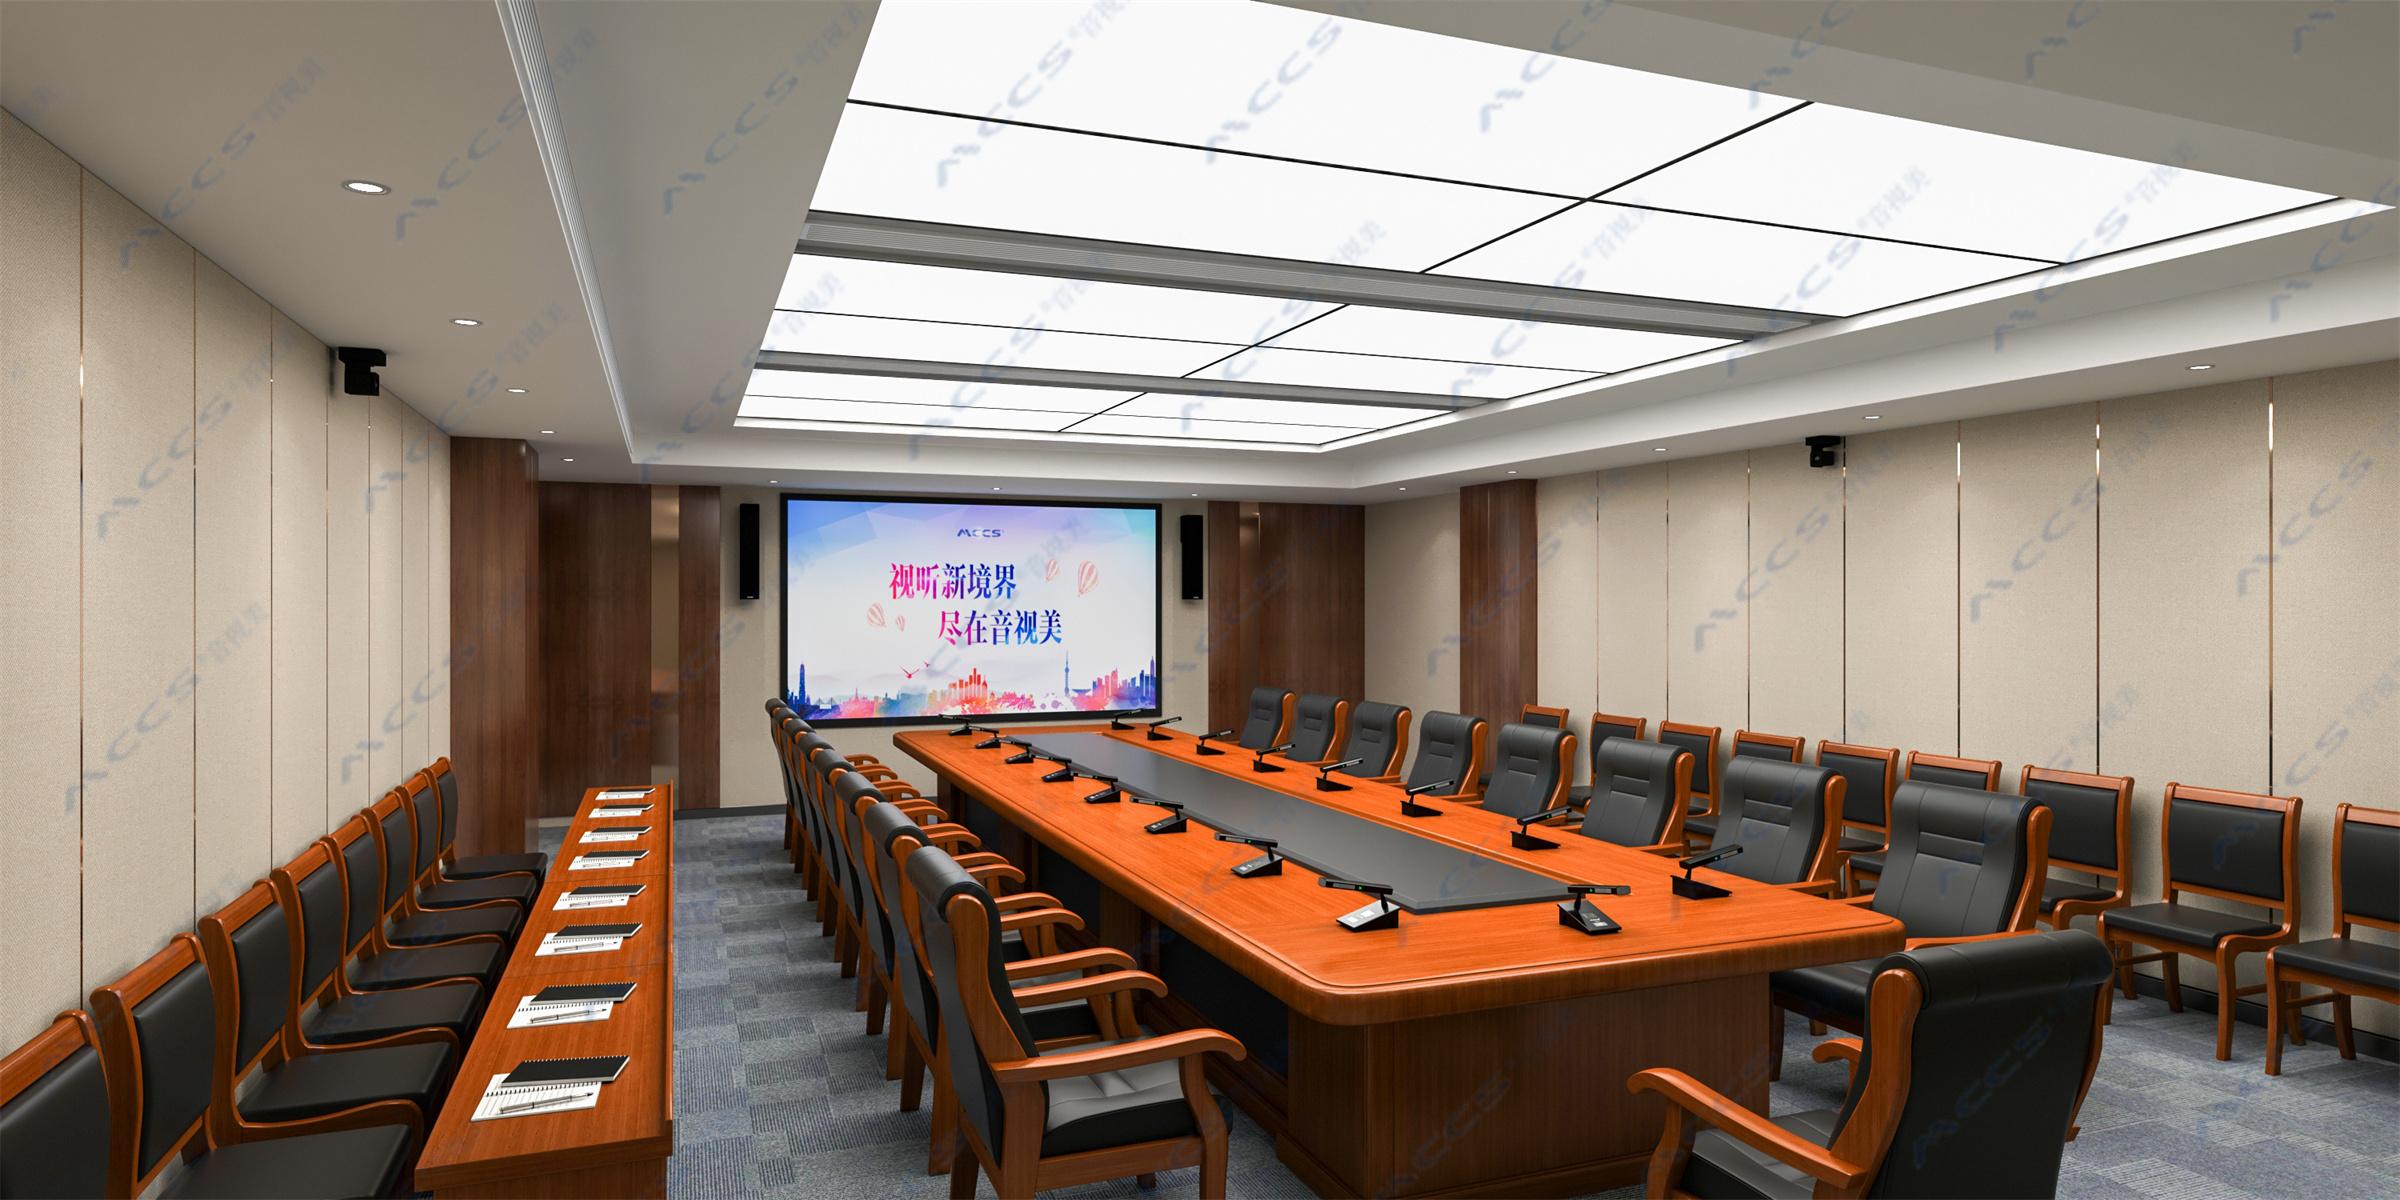 方形桌会议室效果图2